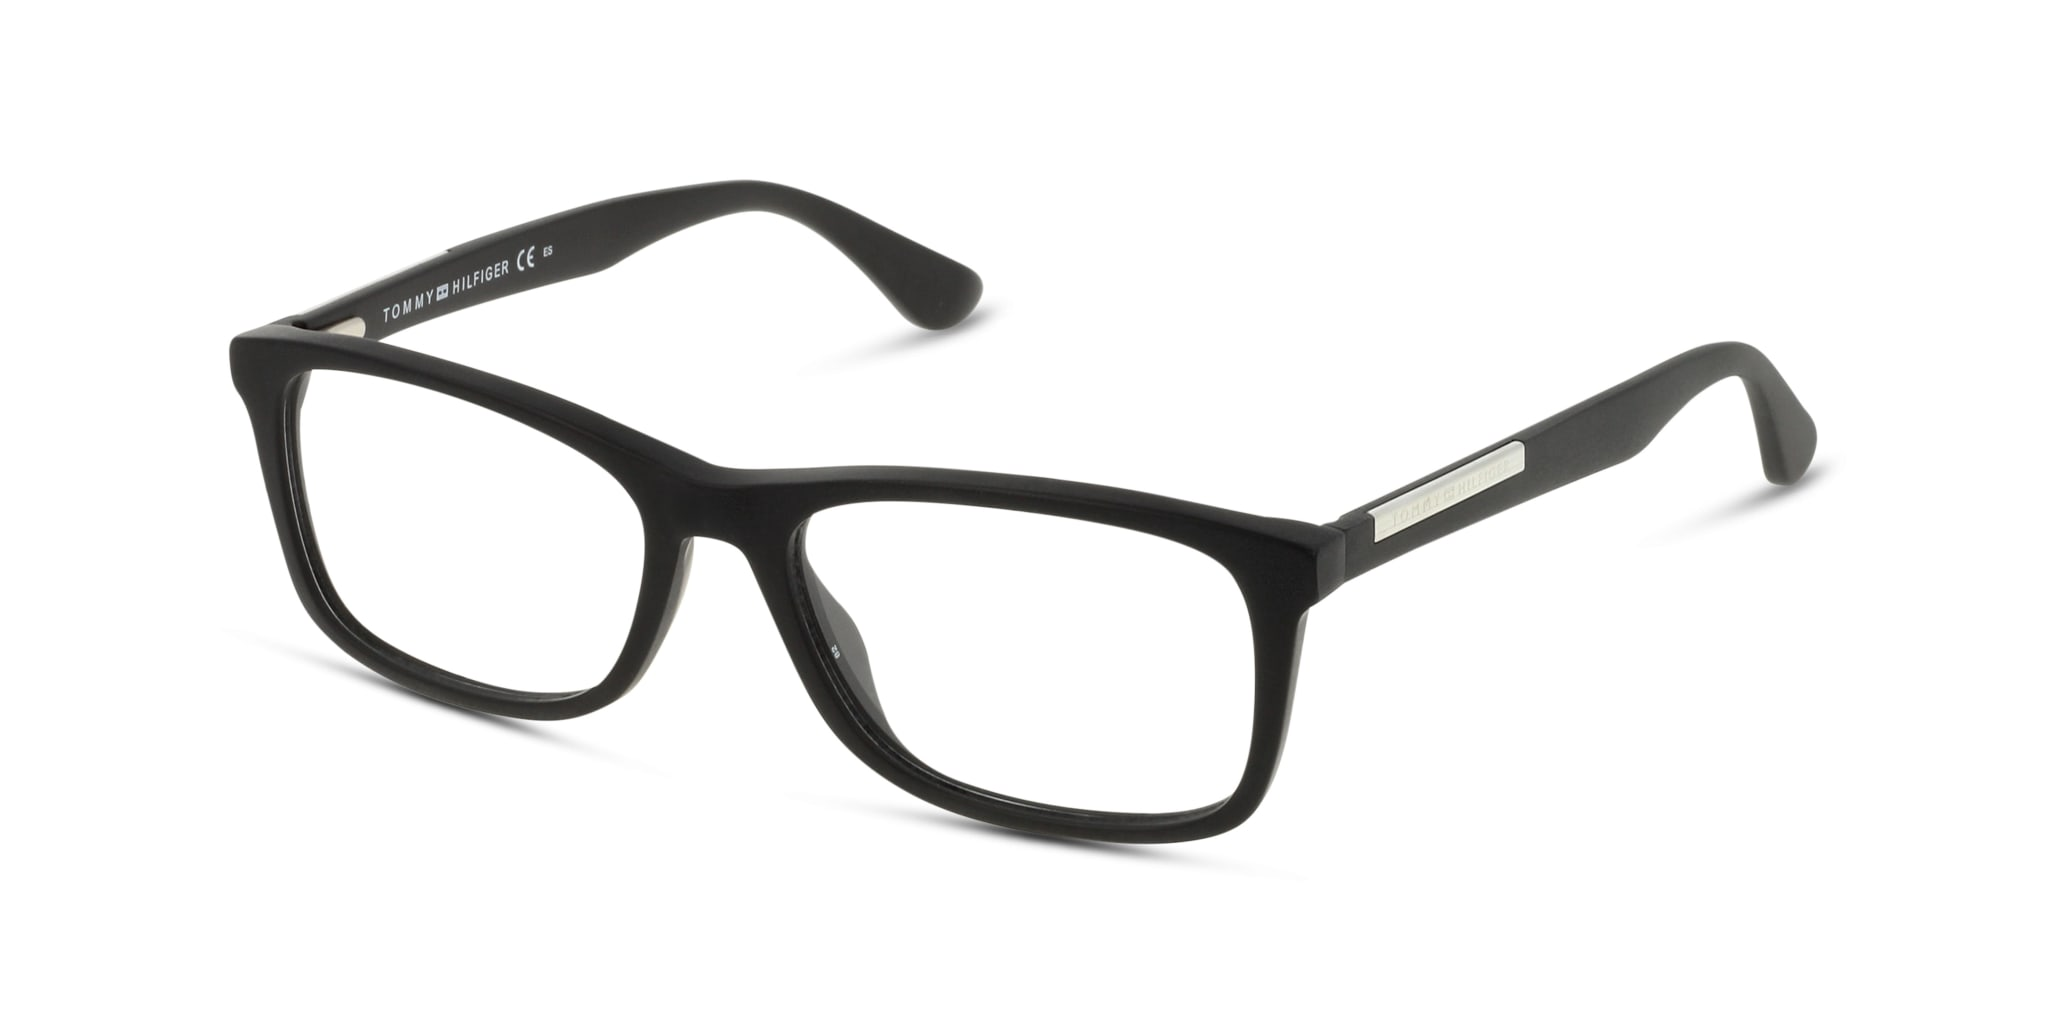 716736075082-angle-03-tommy-hilfiger-th_1595-Eyewear-black